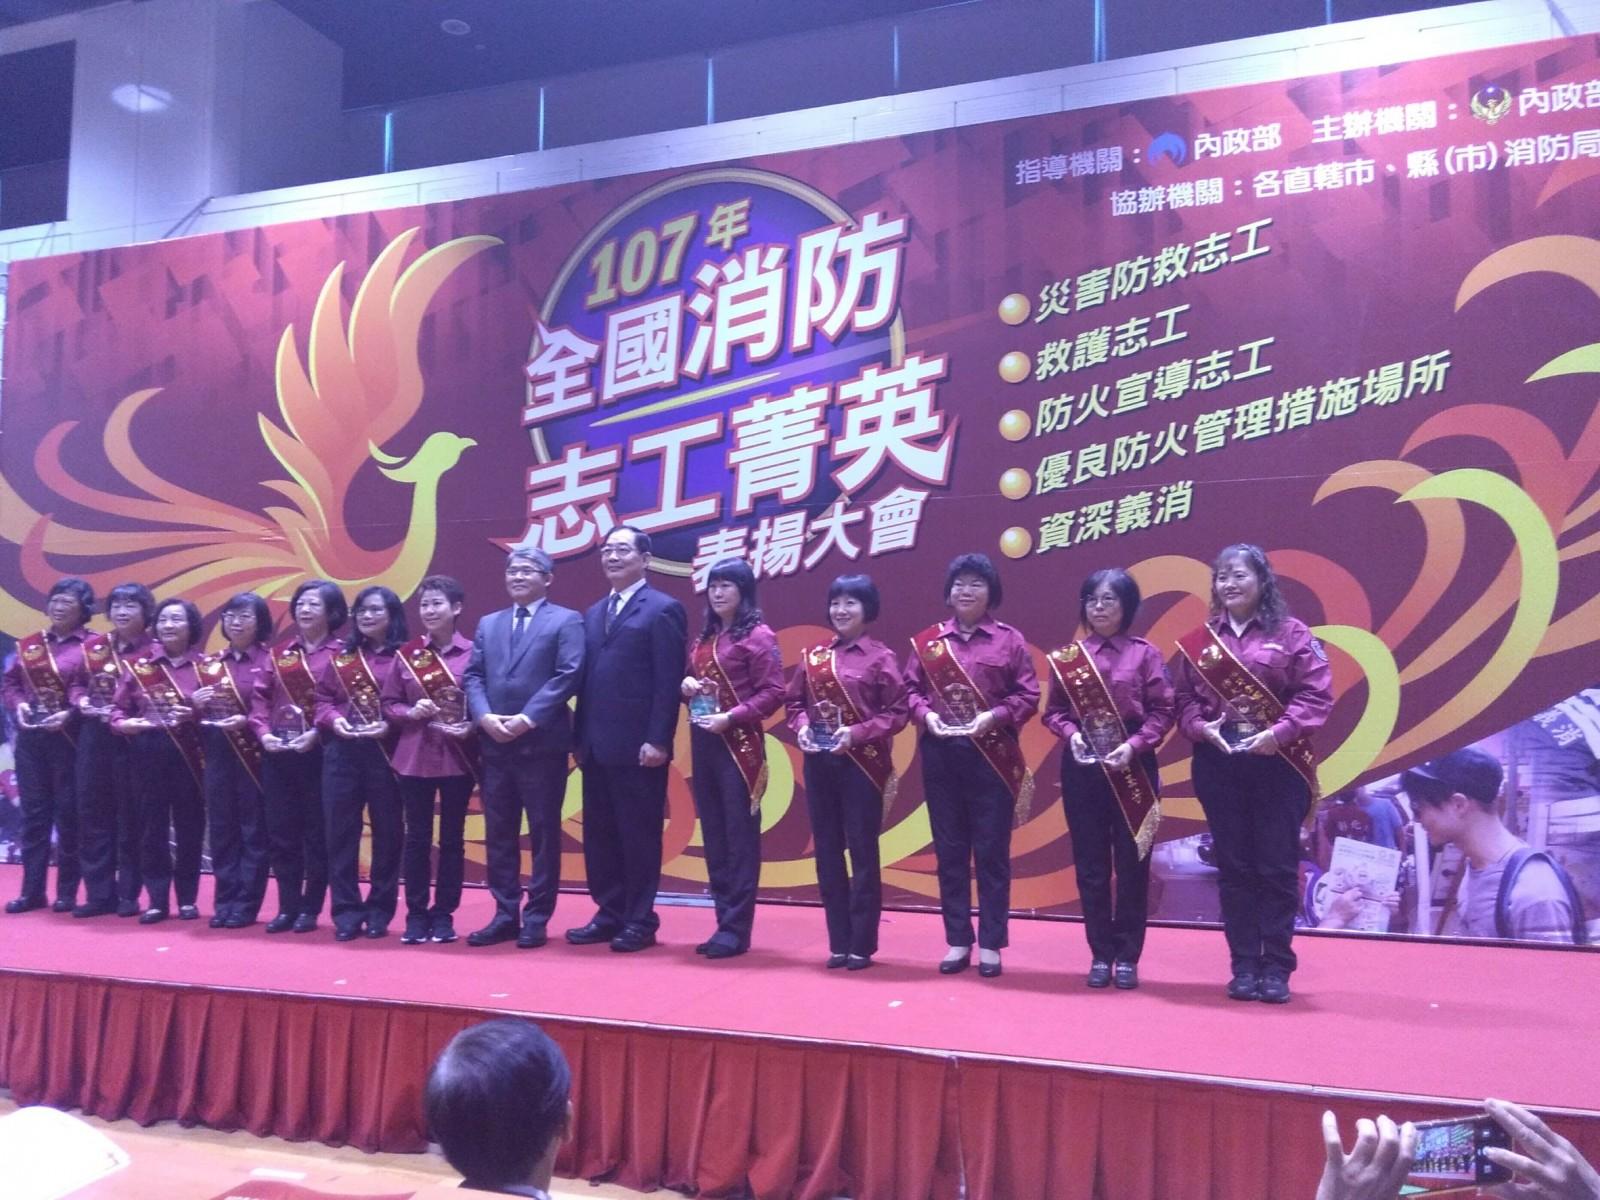 全國消防志工菁英表揚 高雄市多位人員及團體獲獎